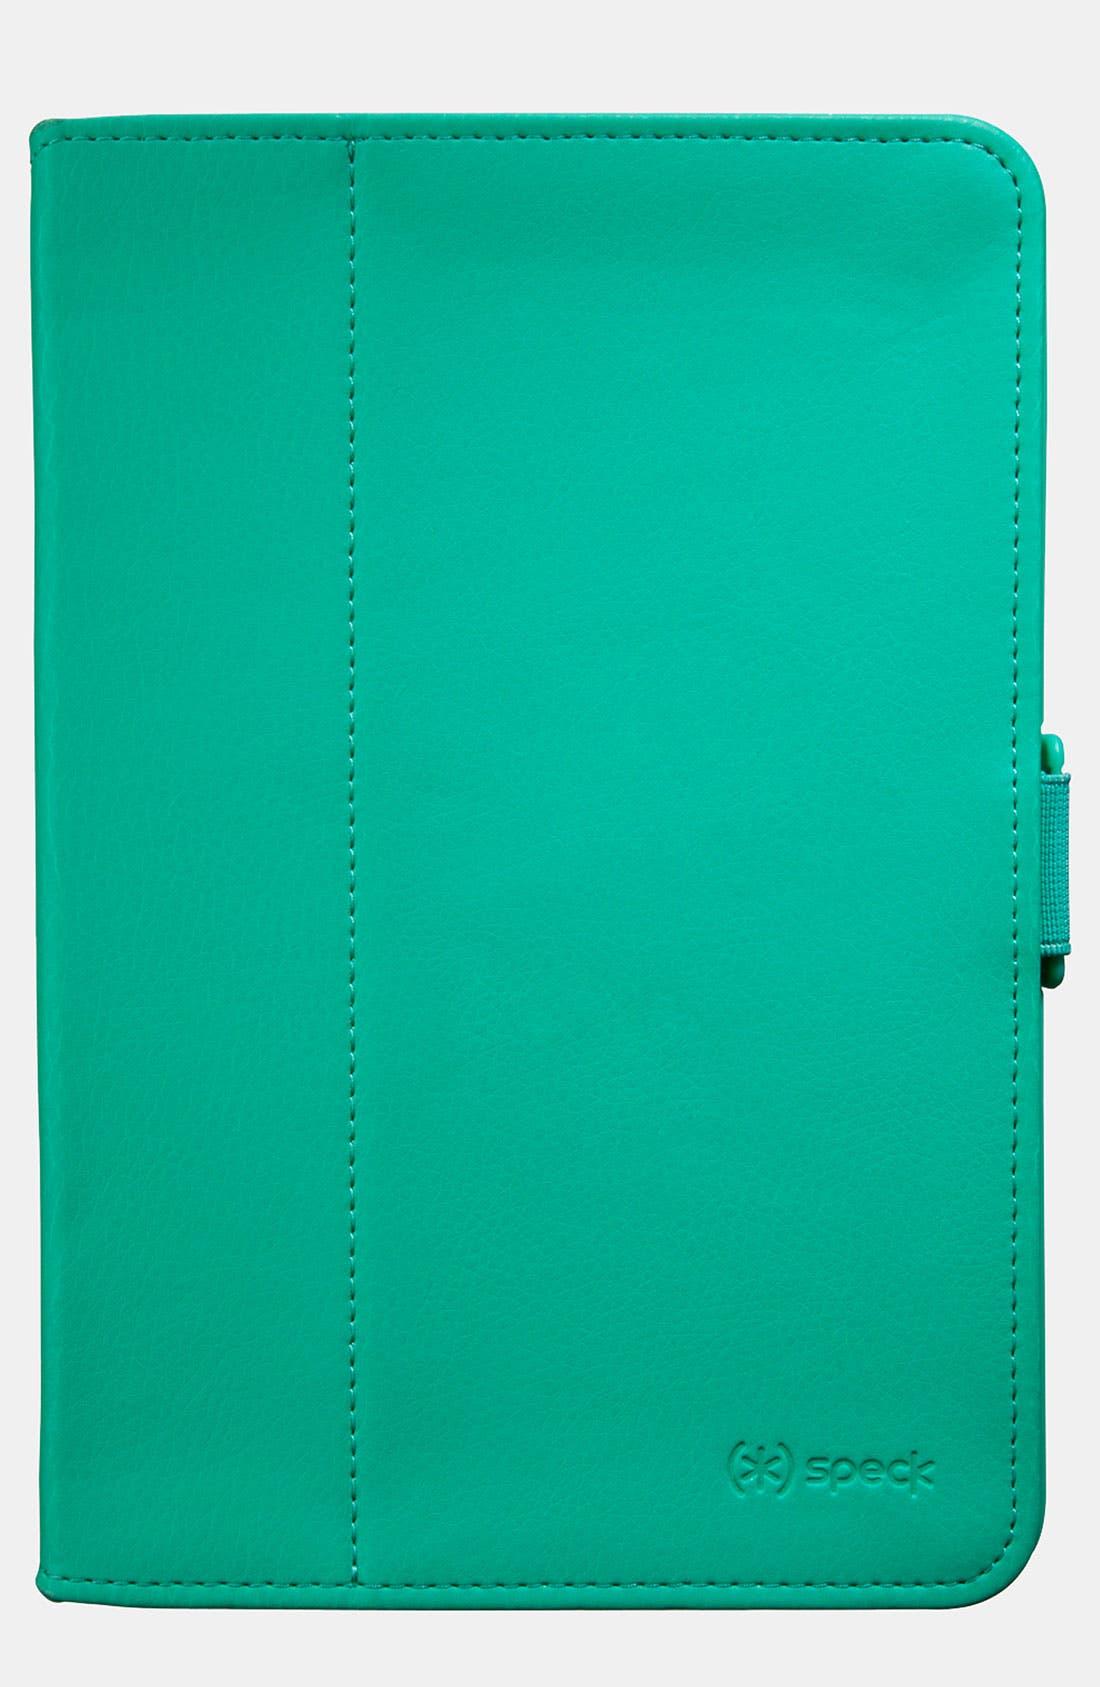 Main Image - Speck 'FitFolio' iPad mini Case